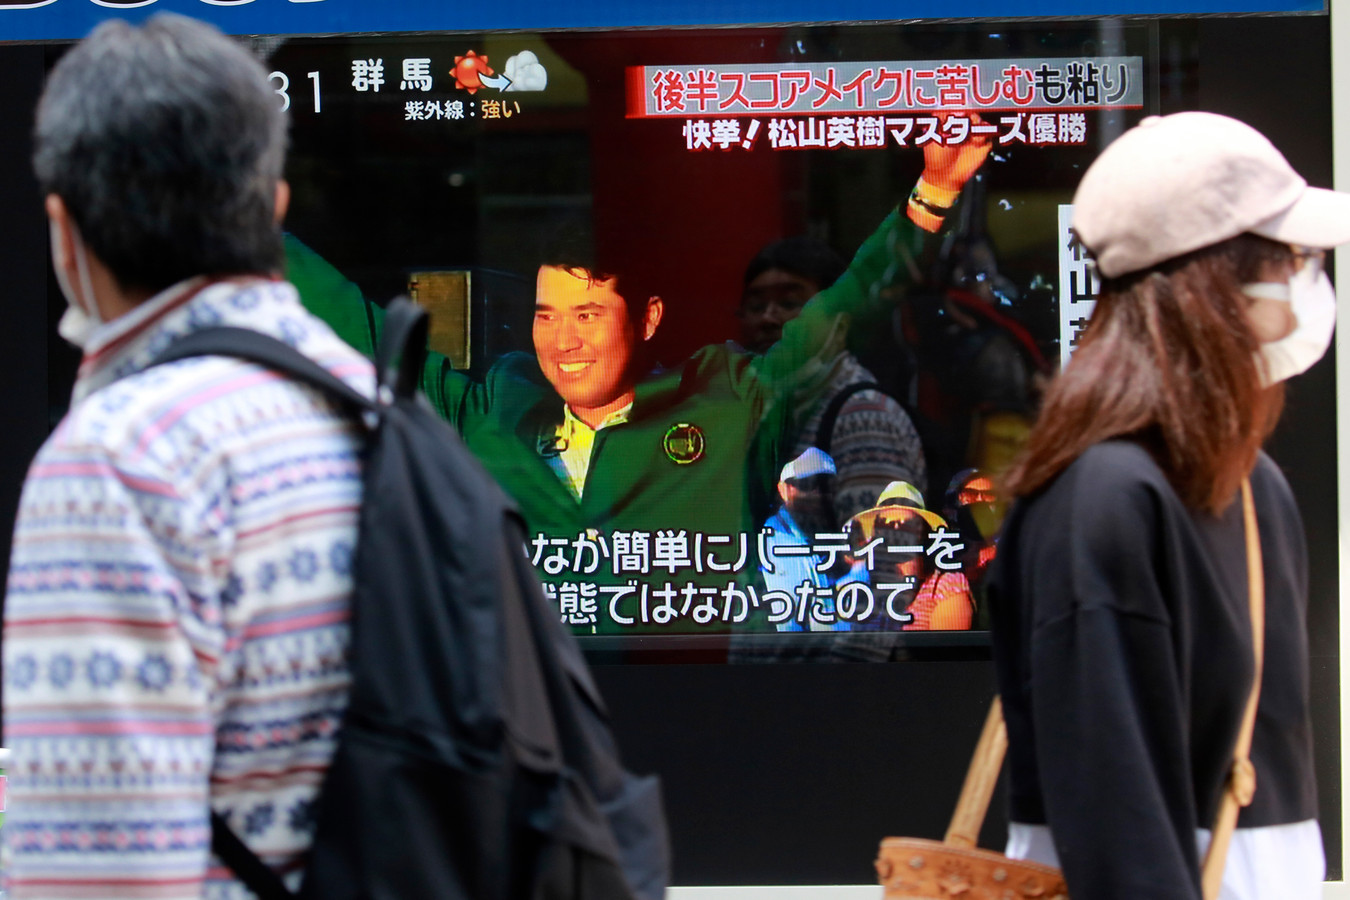 Voorbijgangers in Tokio zien Hideki Matsuyama op tv zijn historische overwinning vieren.